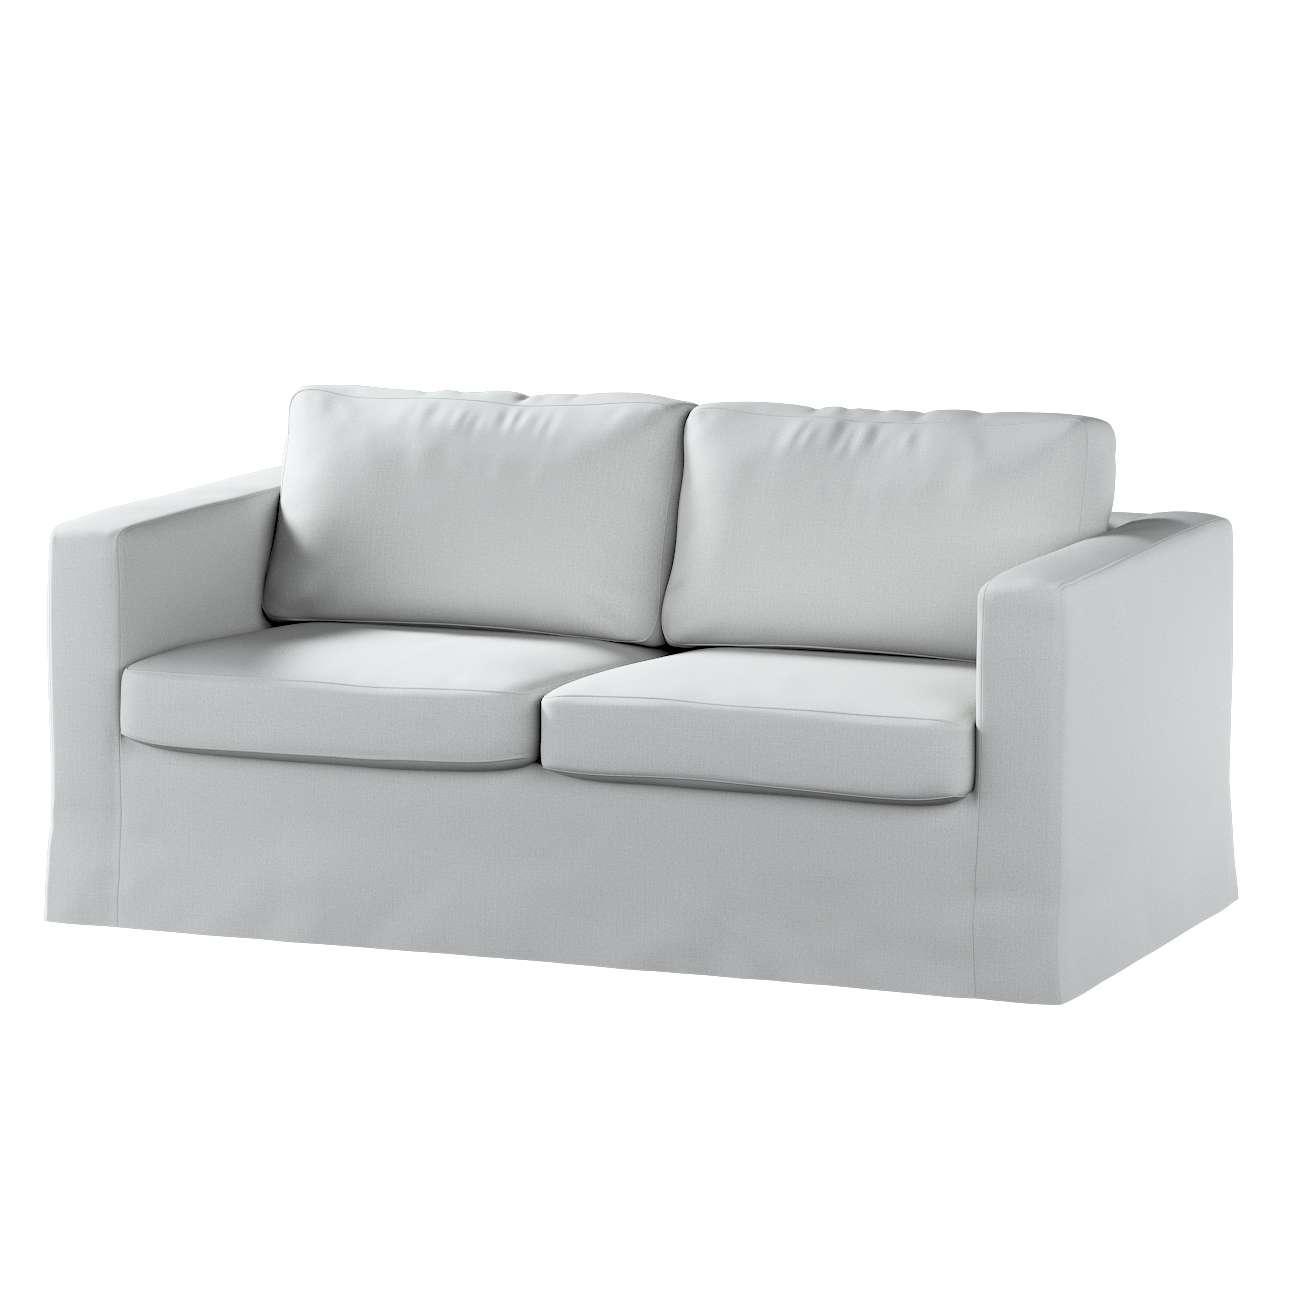 Pokrowiec na sofę Karlstad 2-osobową nierozkładaną długi w kolekcji Living, tkanina: 161-18